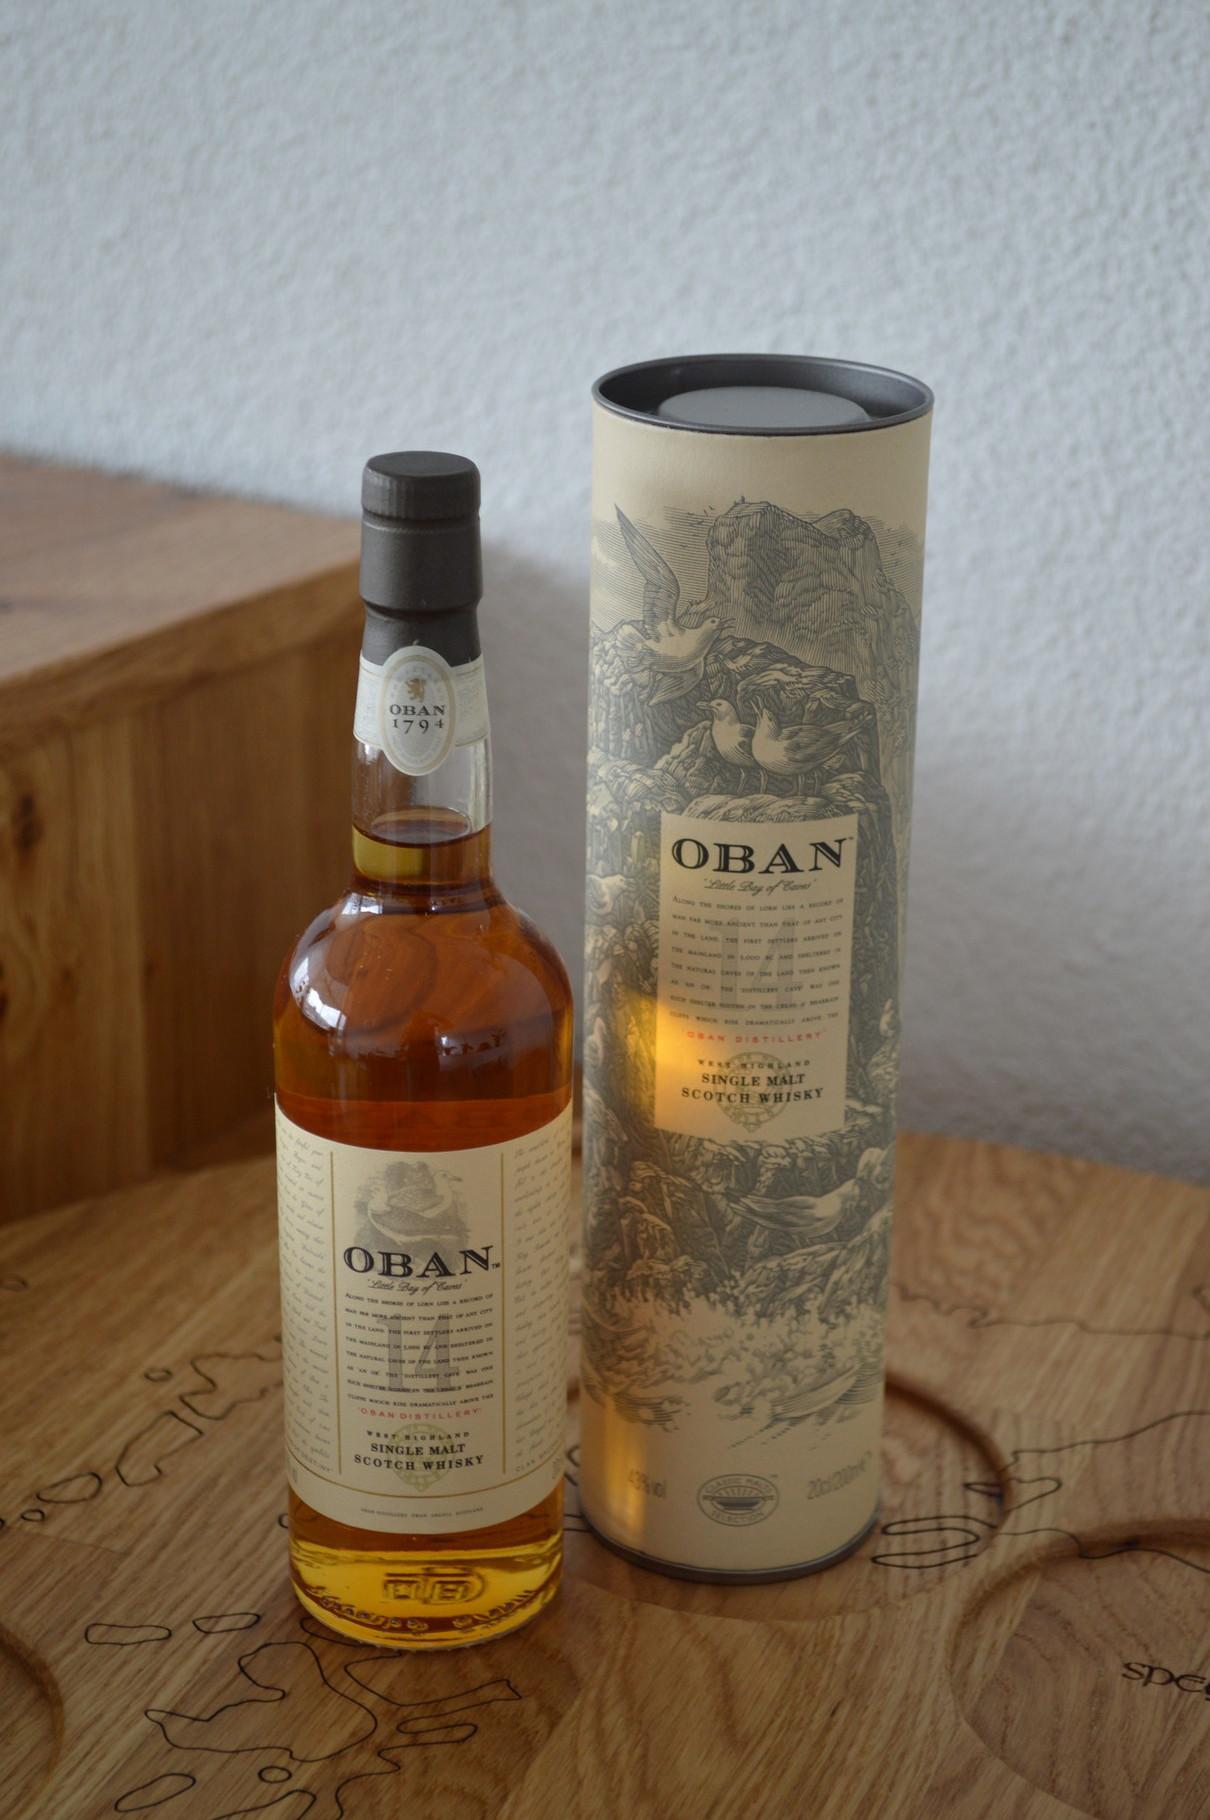 HIGHLANDS - Oban - Aged: 14 years - Bottler: Original - 20cl - 43%